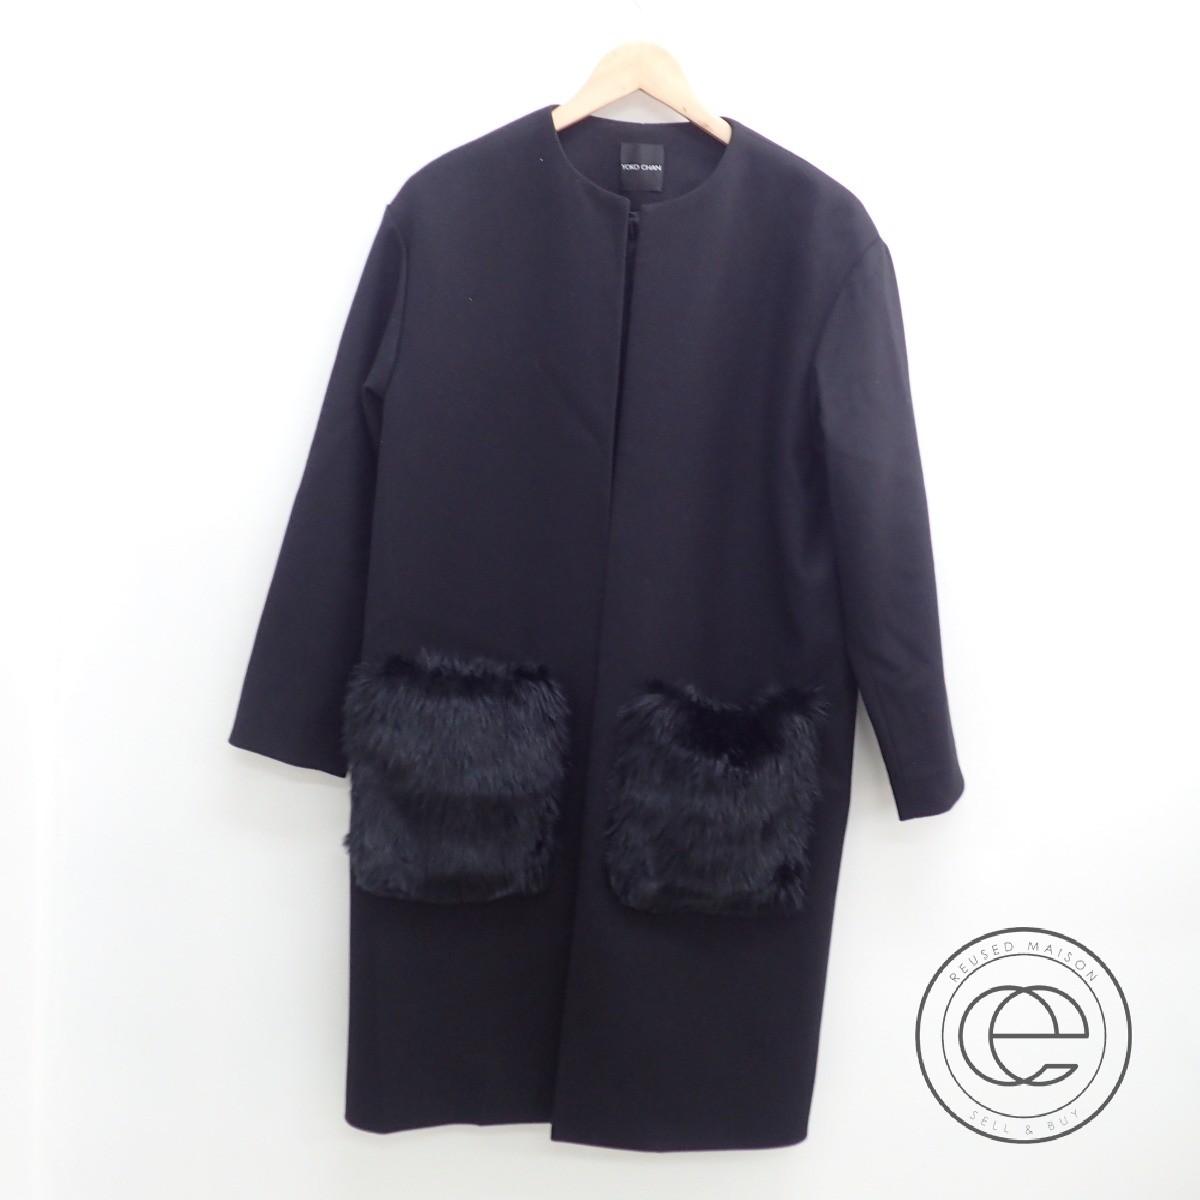 YOKO CHAN ヨーコチャン 17年製 YCC-317-069 フォックスポケットファー ノーカラーコート38 ブラック レディース 【中古】